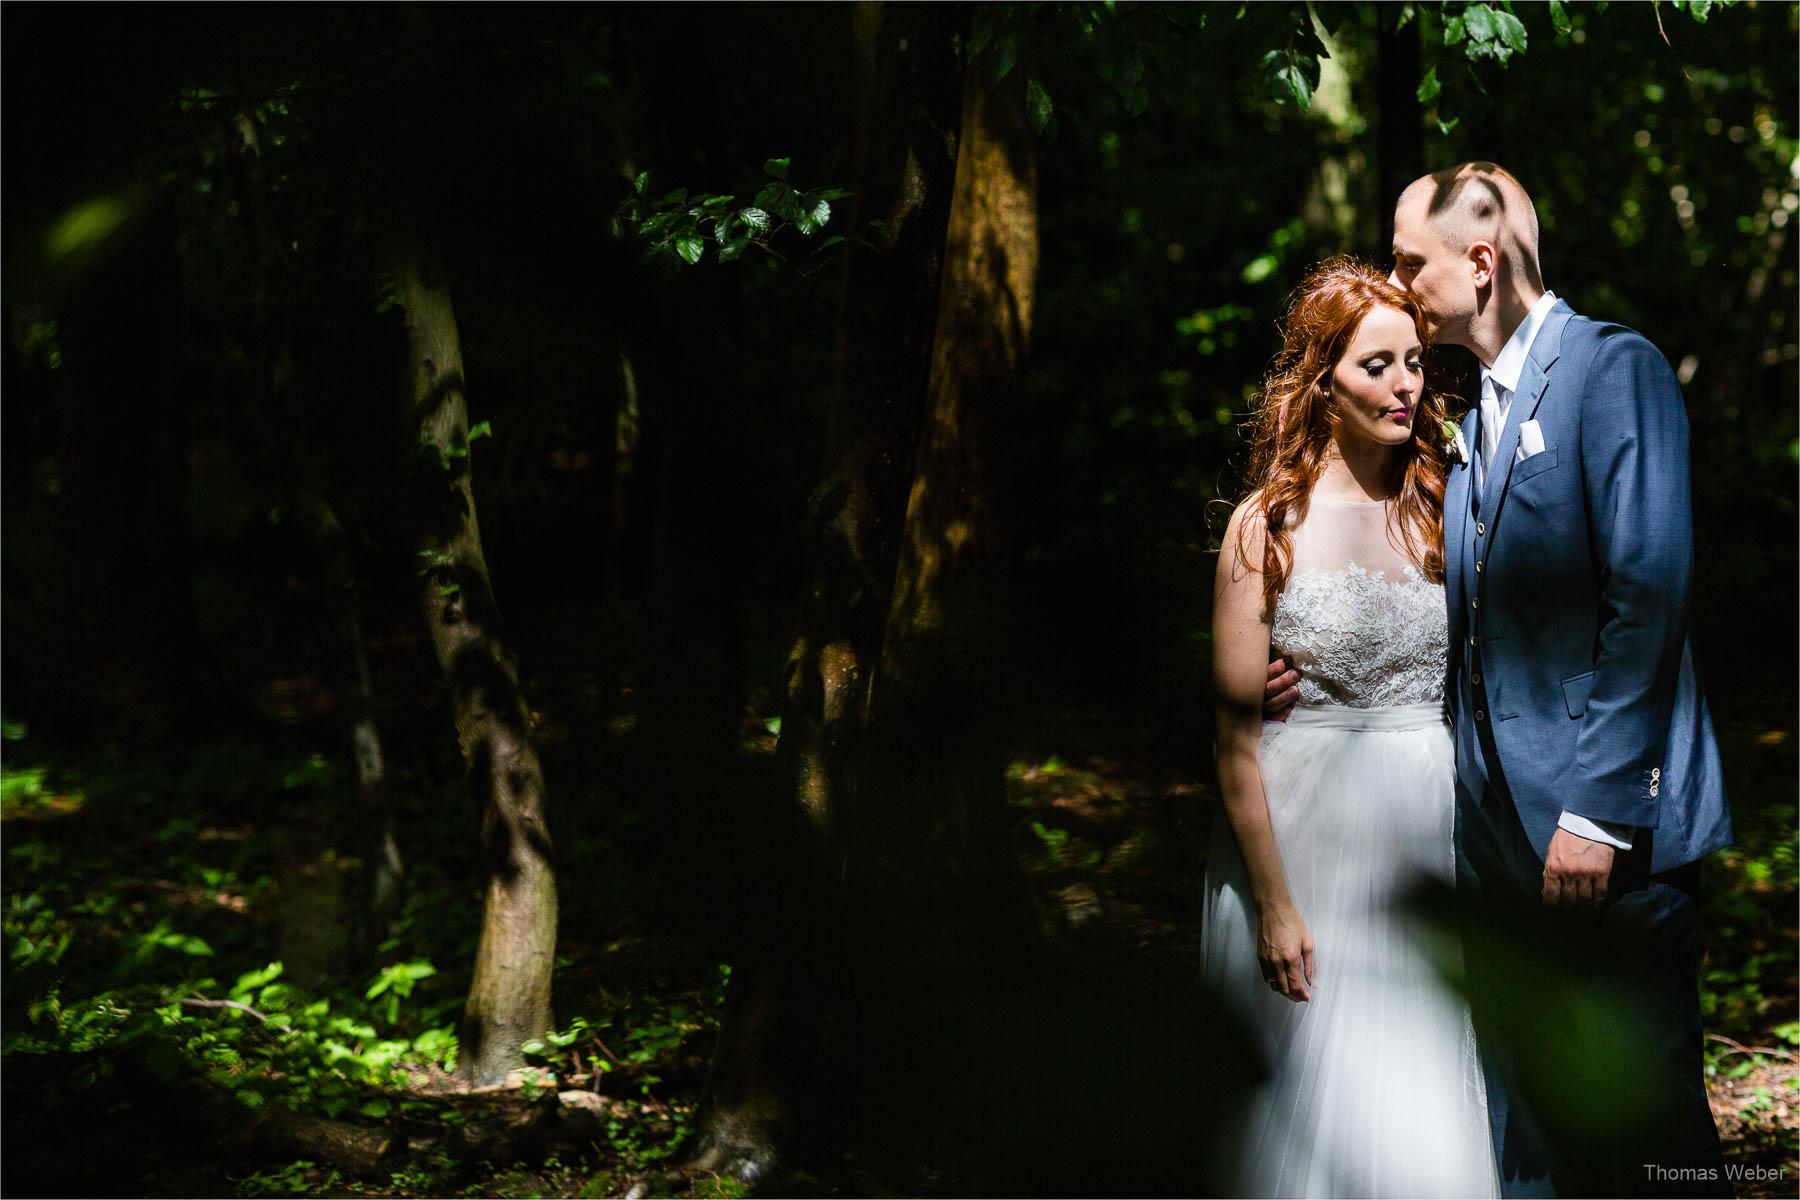 Hochzeit an der Nordsee, Hochzeitsfotograf Ostfriesland, Thomas Weber